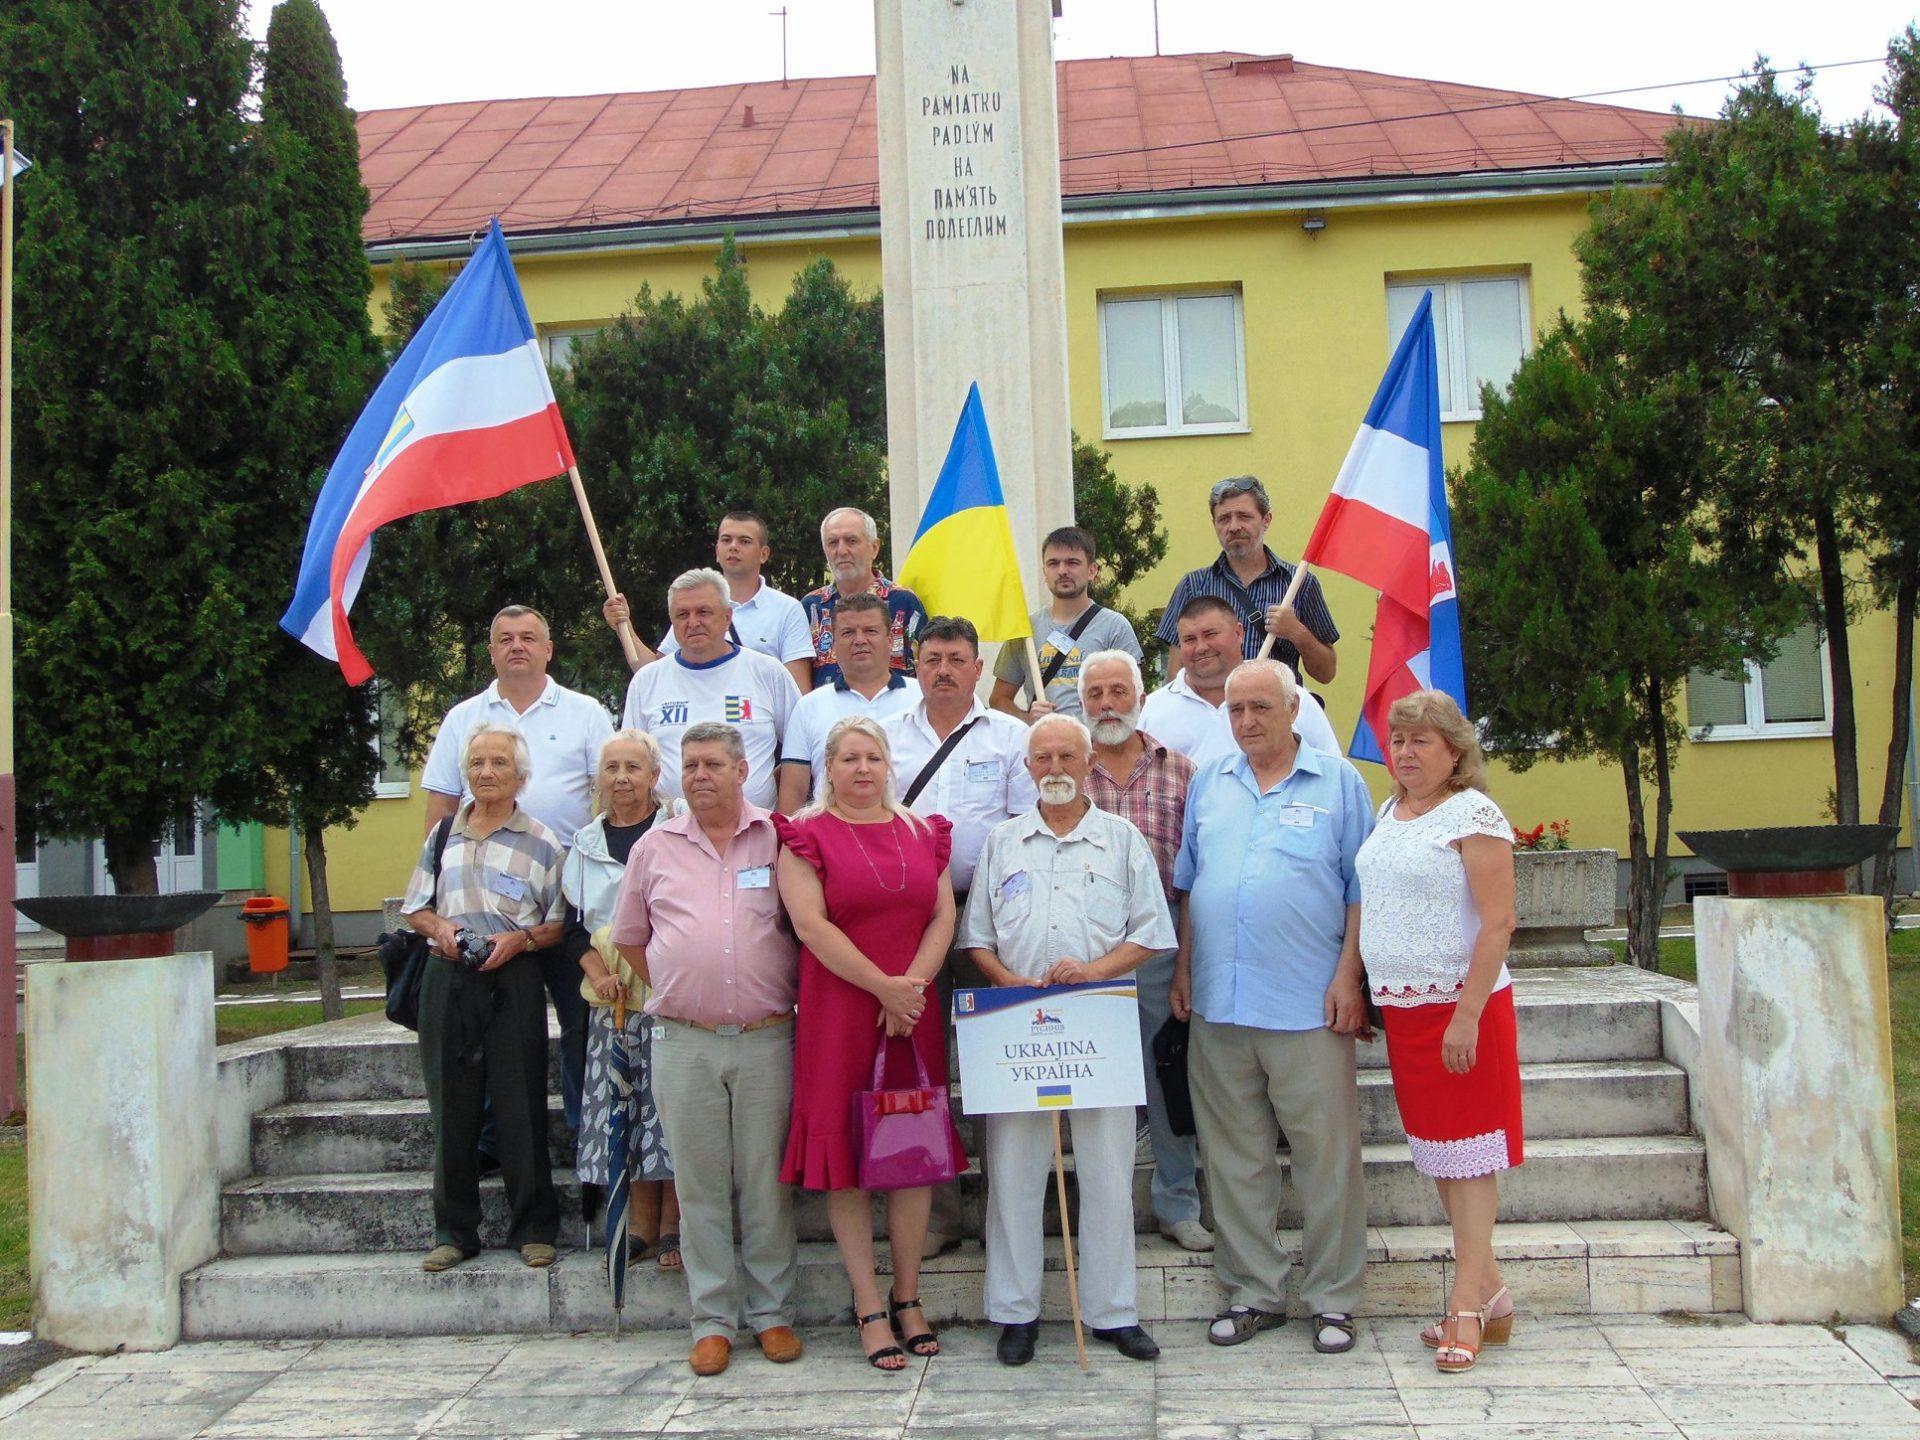 В Камюнці на Словакії як член делеґації Світового конґресу Русинів за Україну.